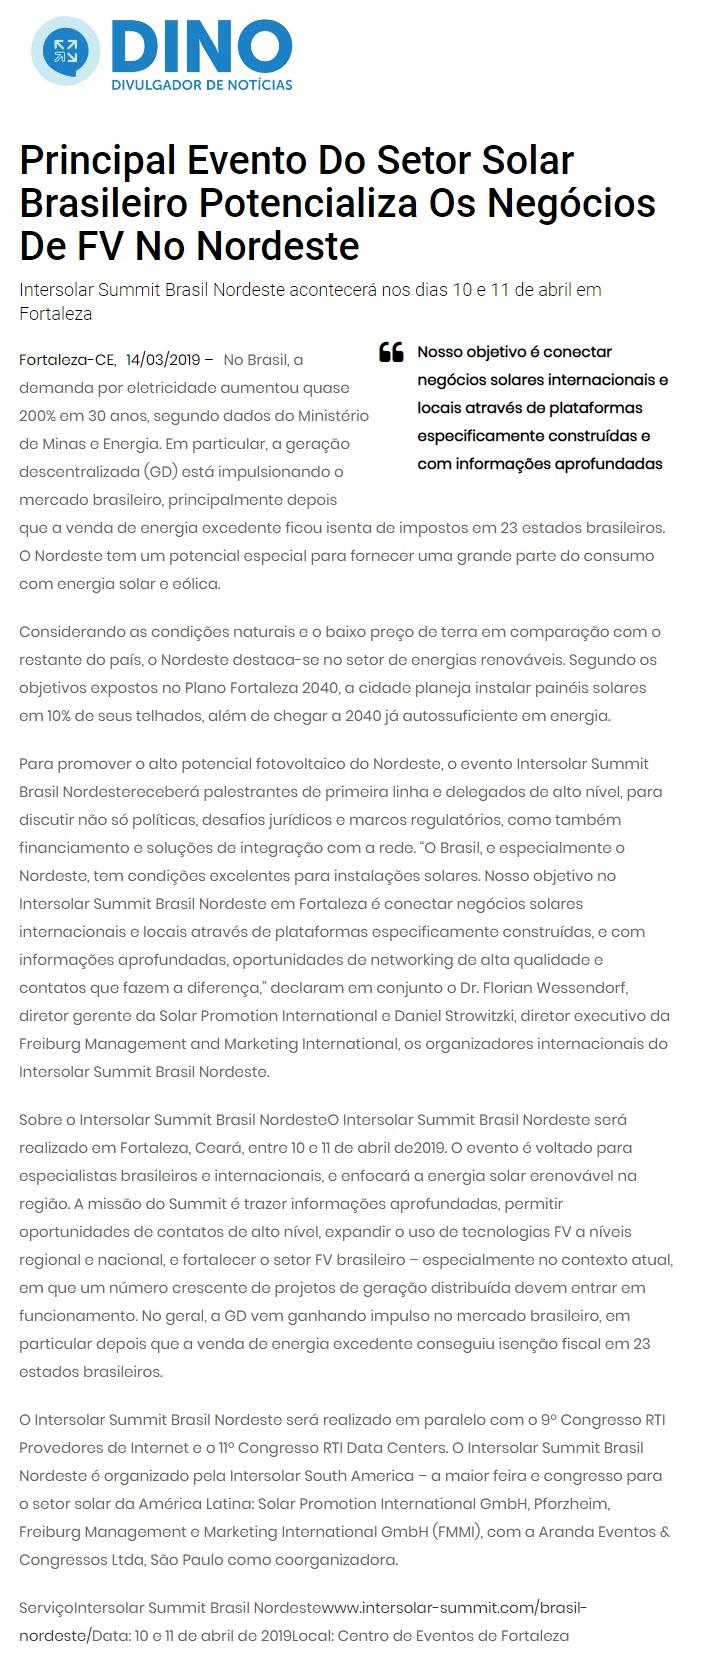 Dino-Divulgador de notíciasIII